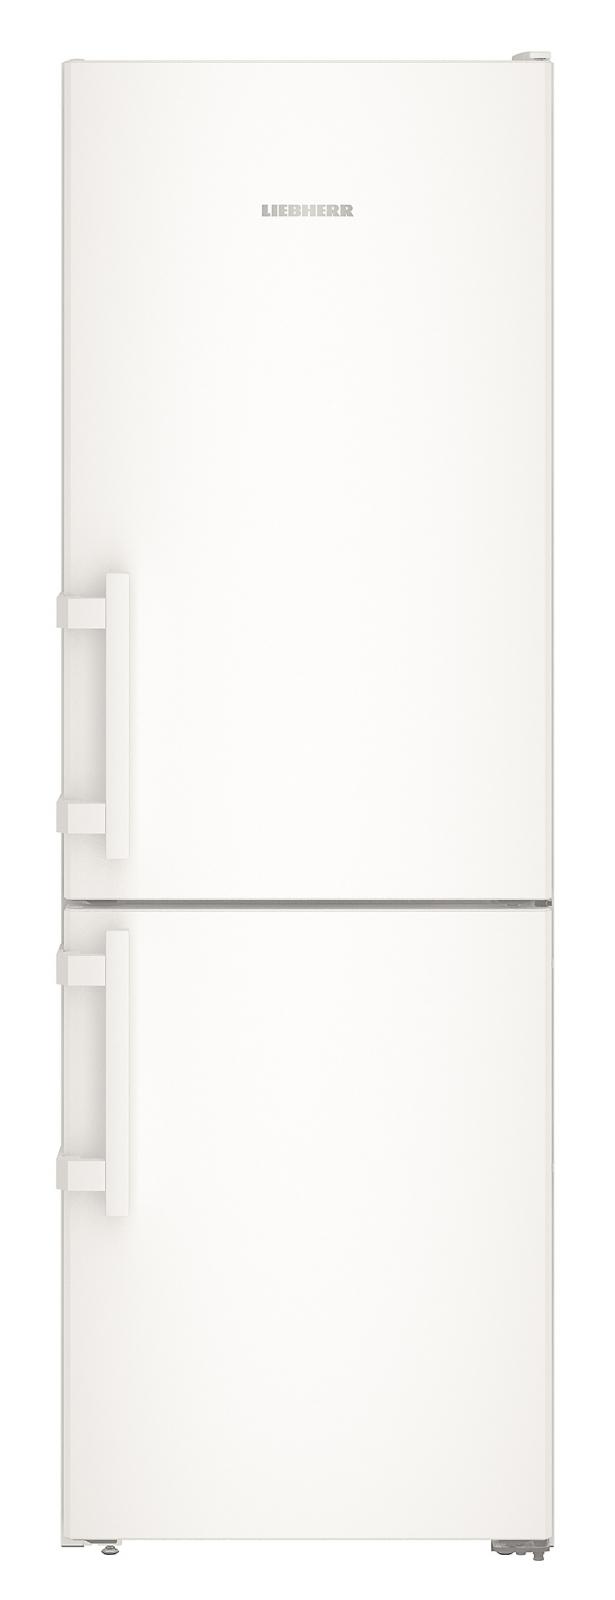 купить Двухкамерный холодильник Liebherr C 3525 Украина фото 2